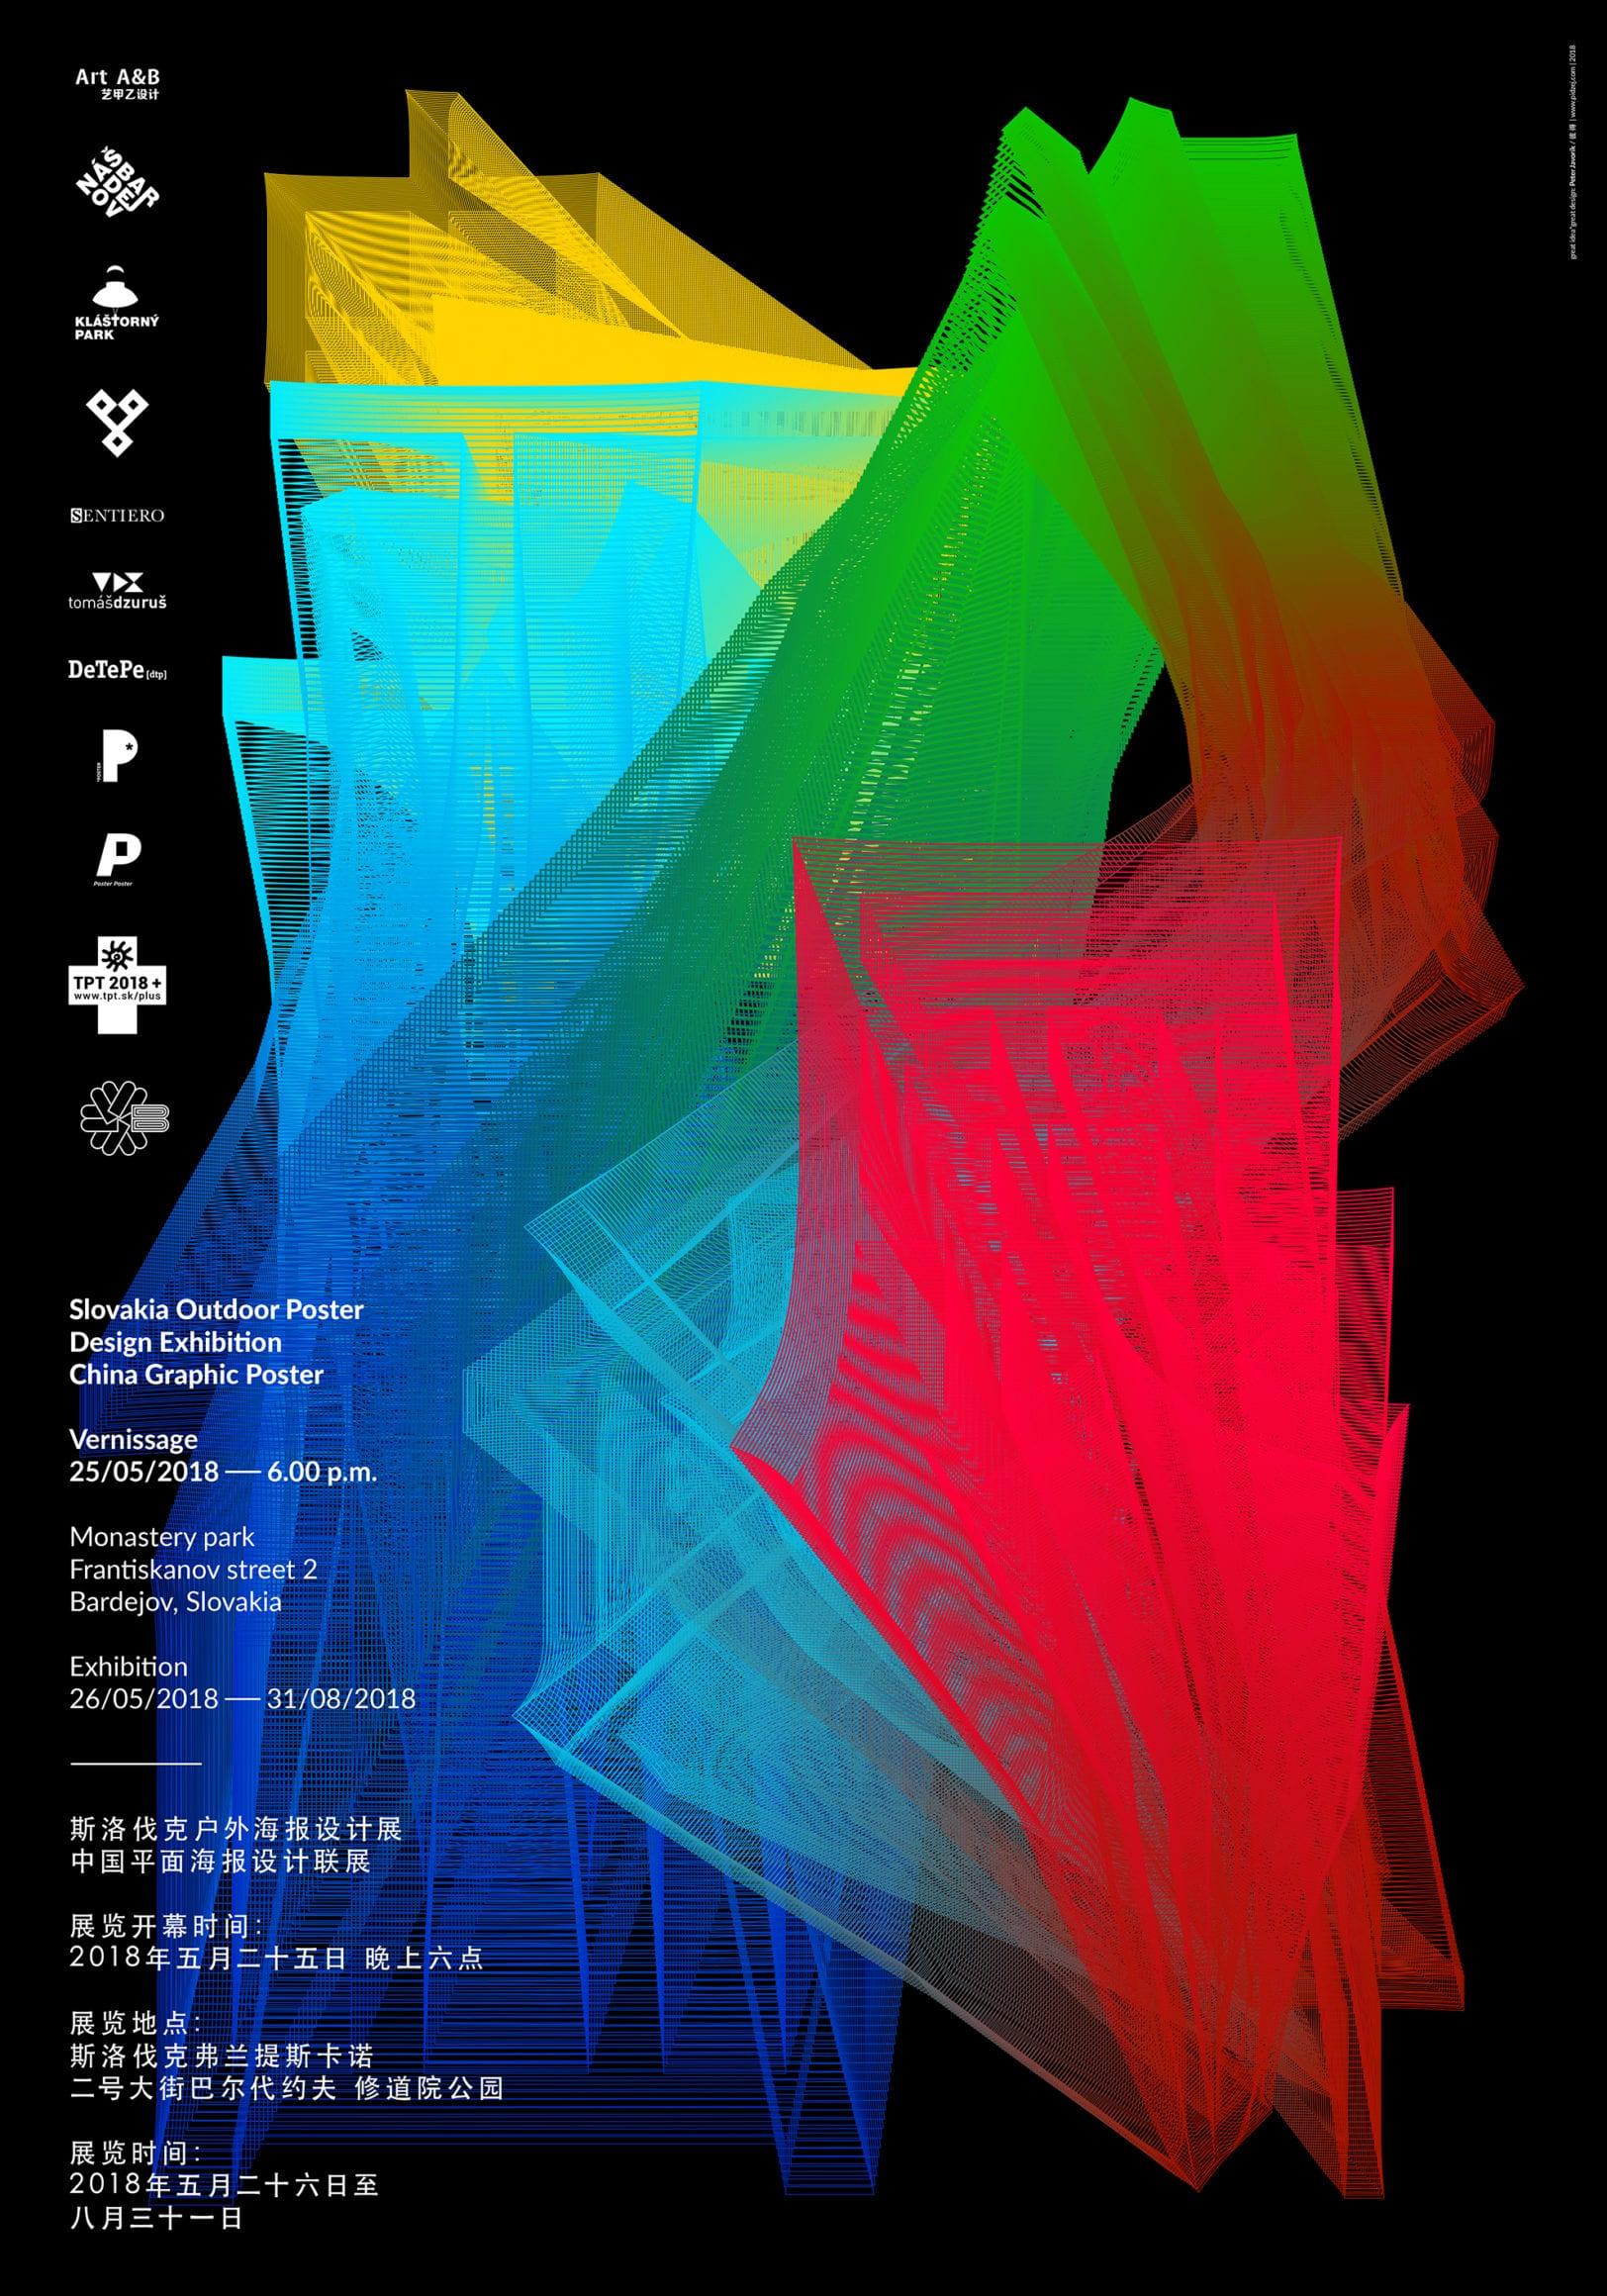 Poster BMT B1 work and print 1 - Výstava Čínskeho plagátu na Slovensku